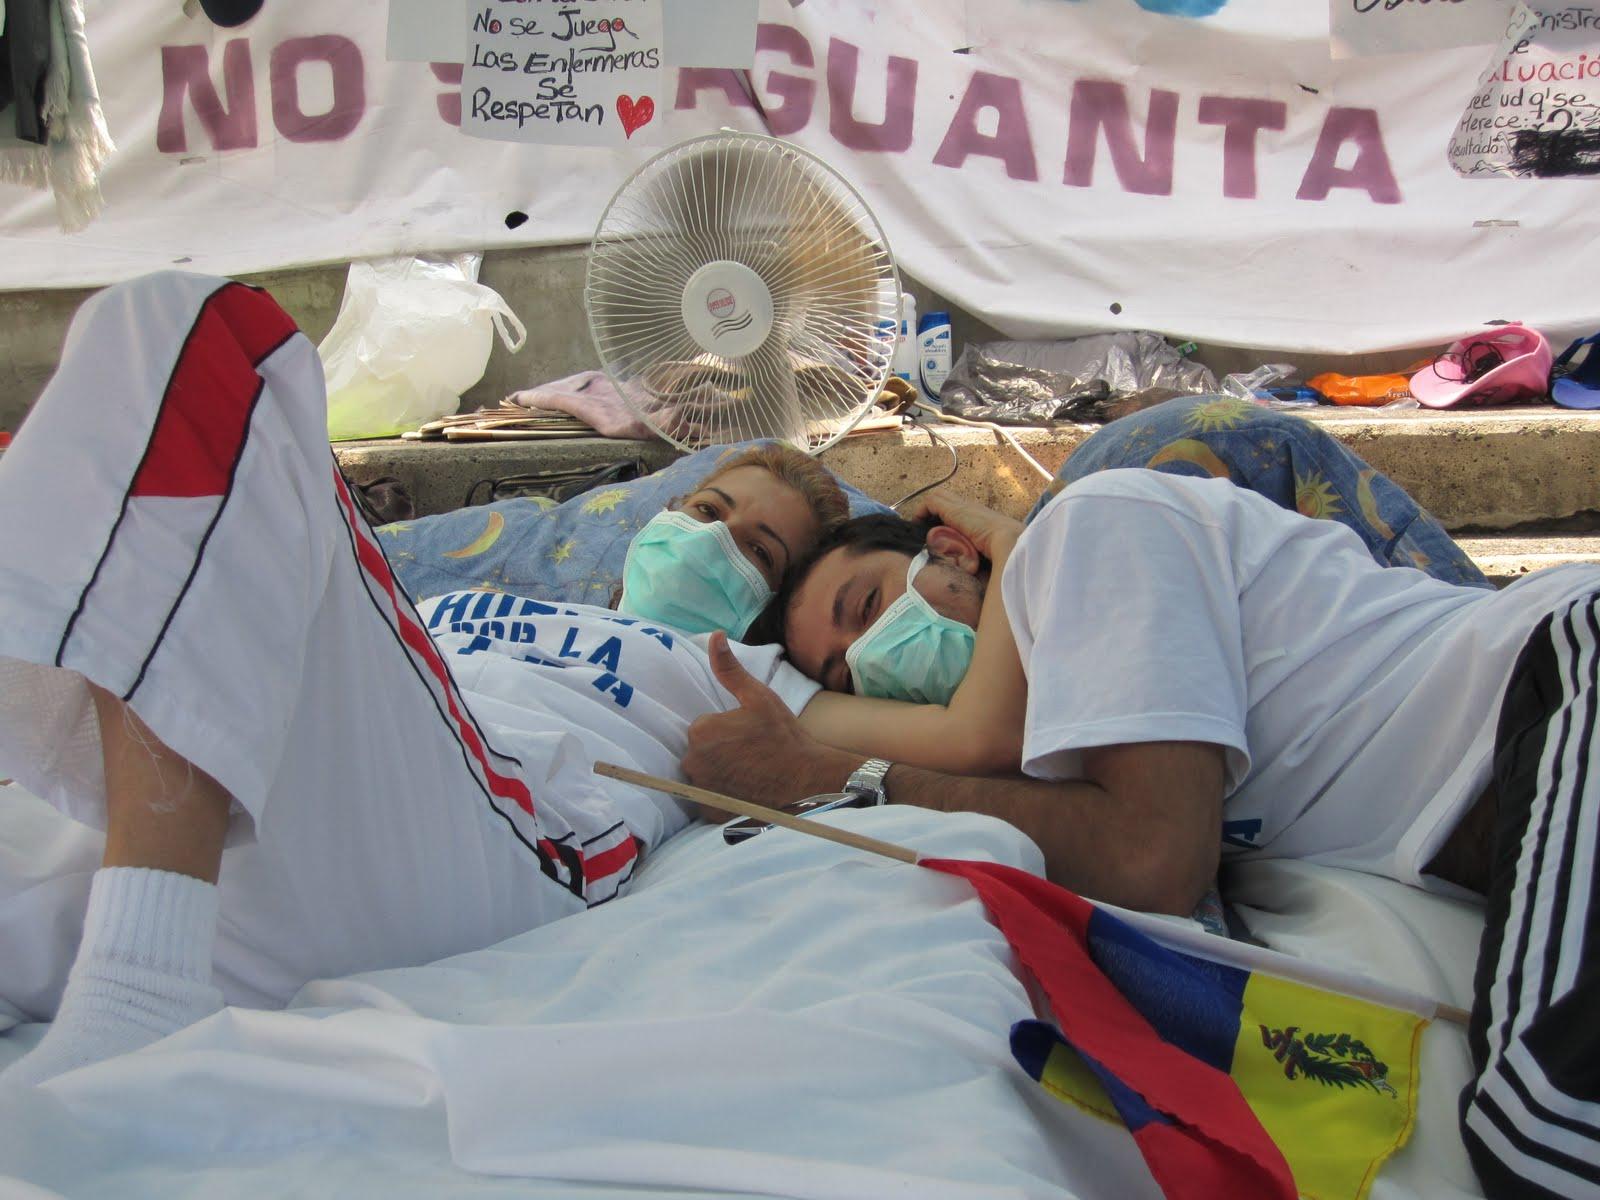 Noticias: #DDHH Huelga de hambre con huelga de sangre y la